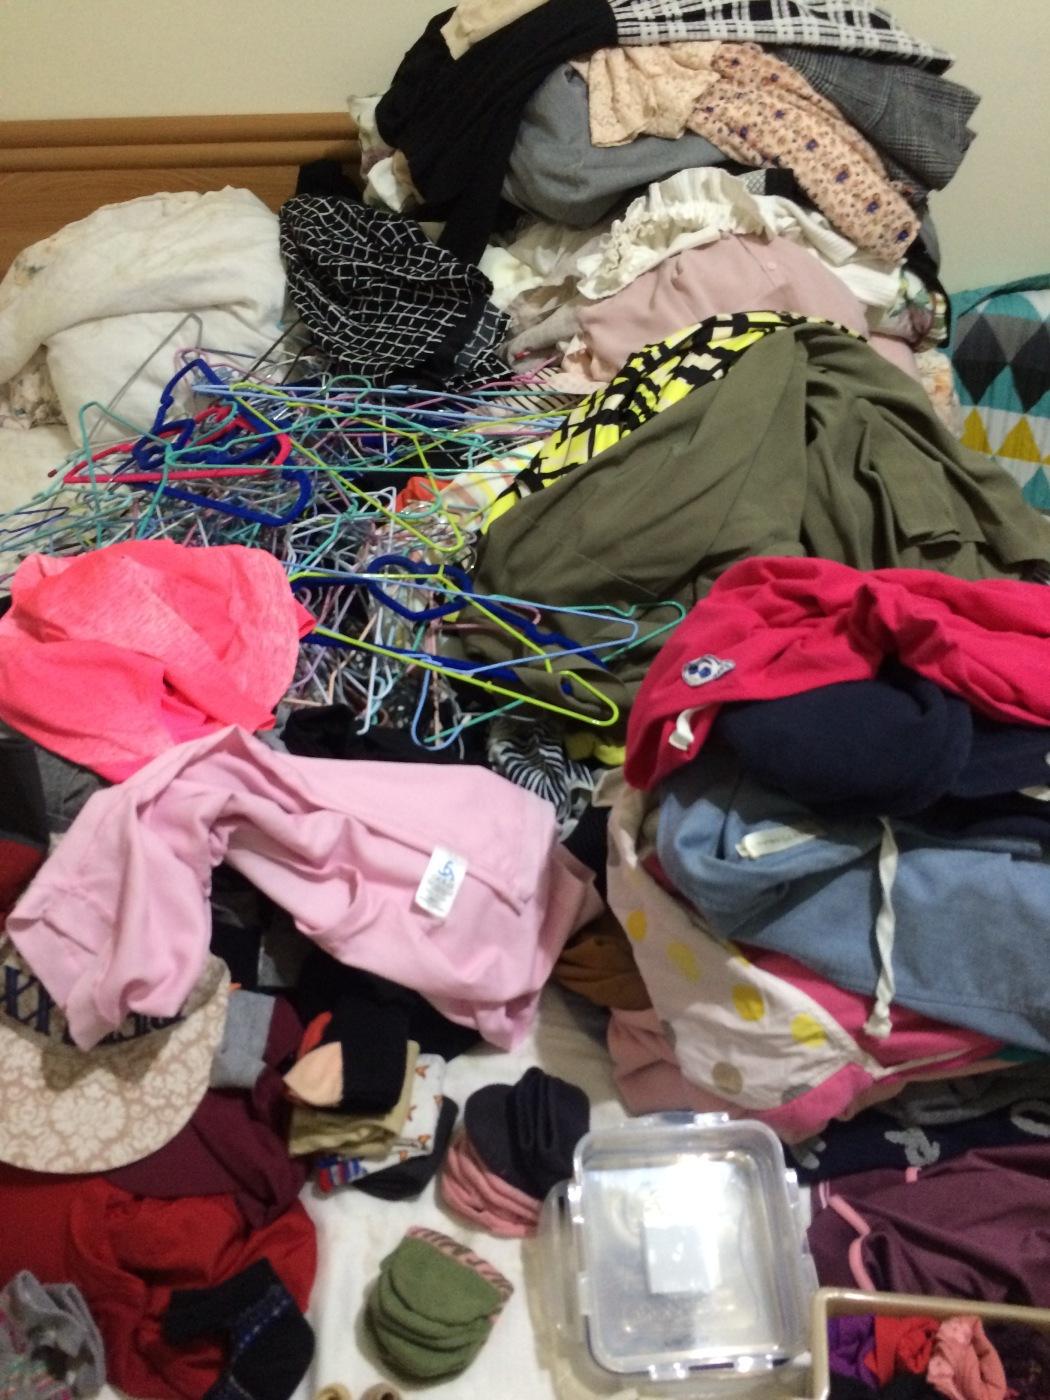 跟委託人一起把所有衣服全部集中在床上,堆成一座山